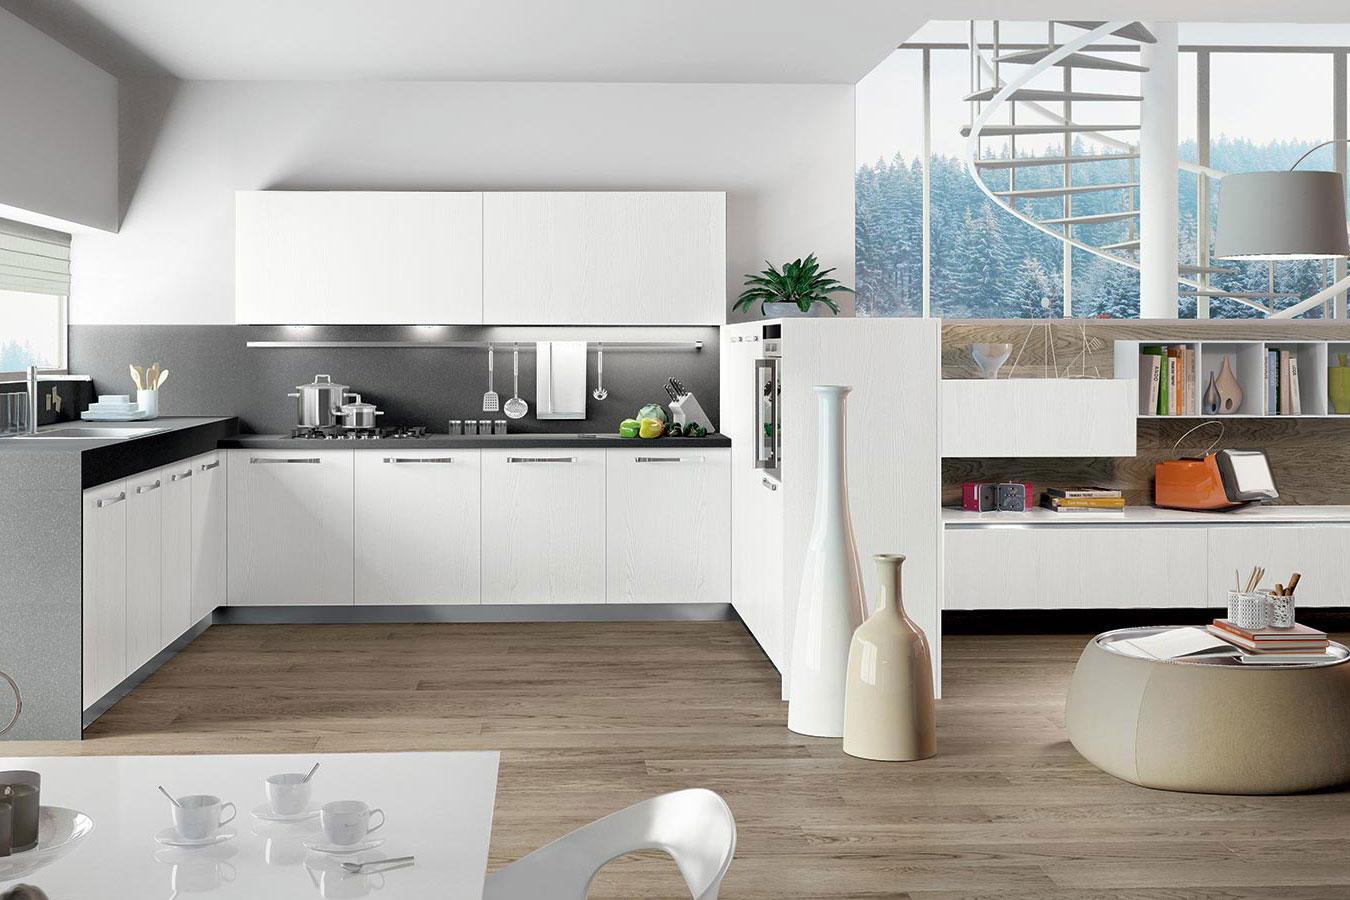 Cucina round di arredo3 righetti mobili novara for Programma per comporre cucine